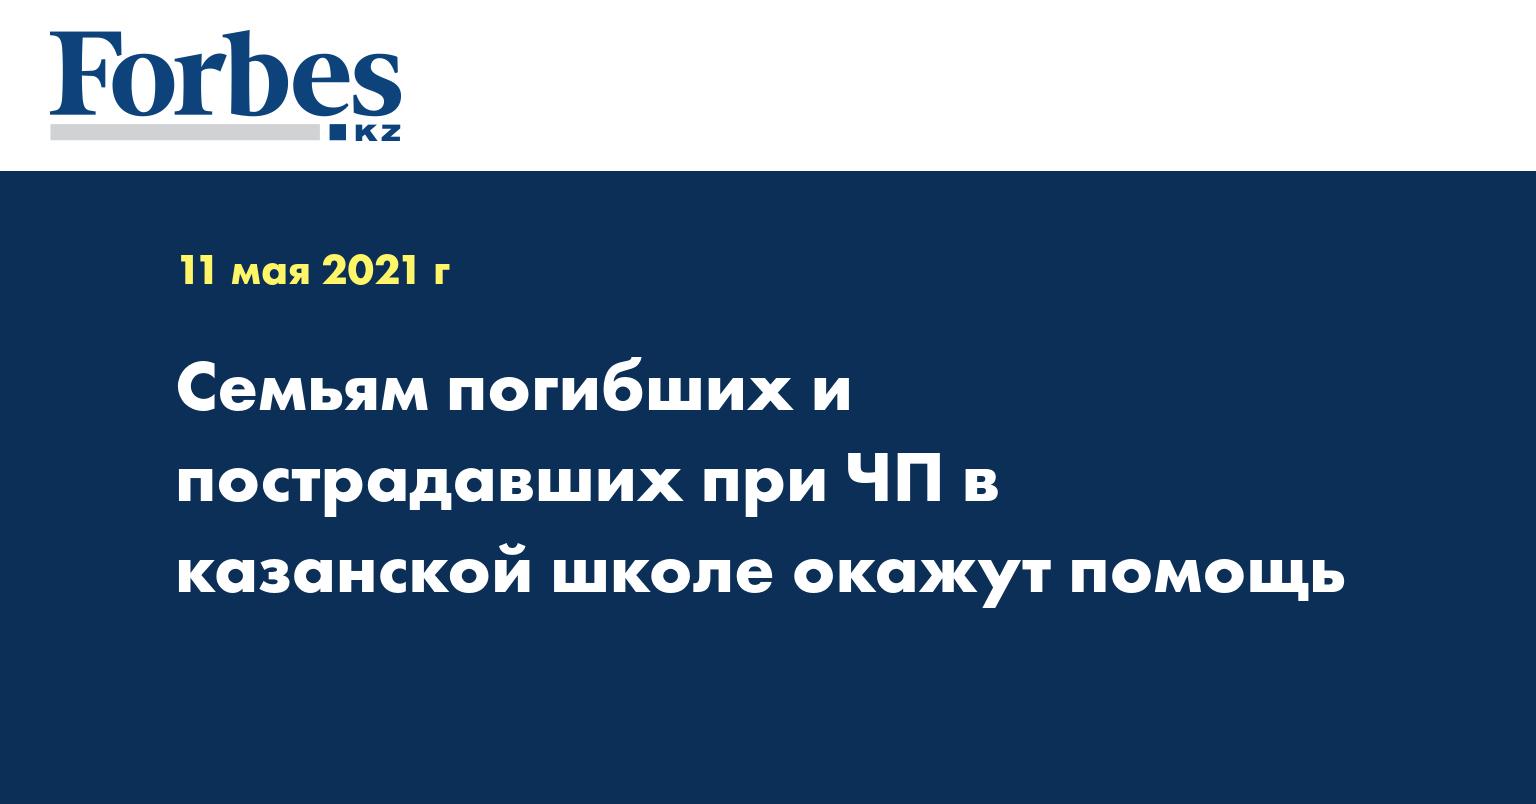 Семьям погибших и пострадавших при ЧП в казанской школе окажут помощь